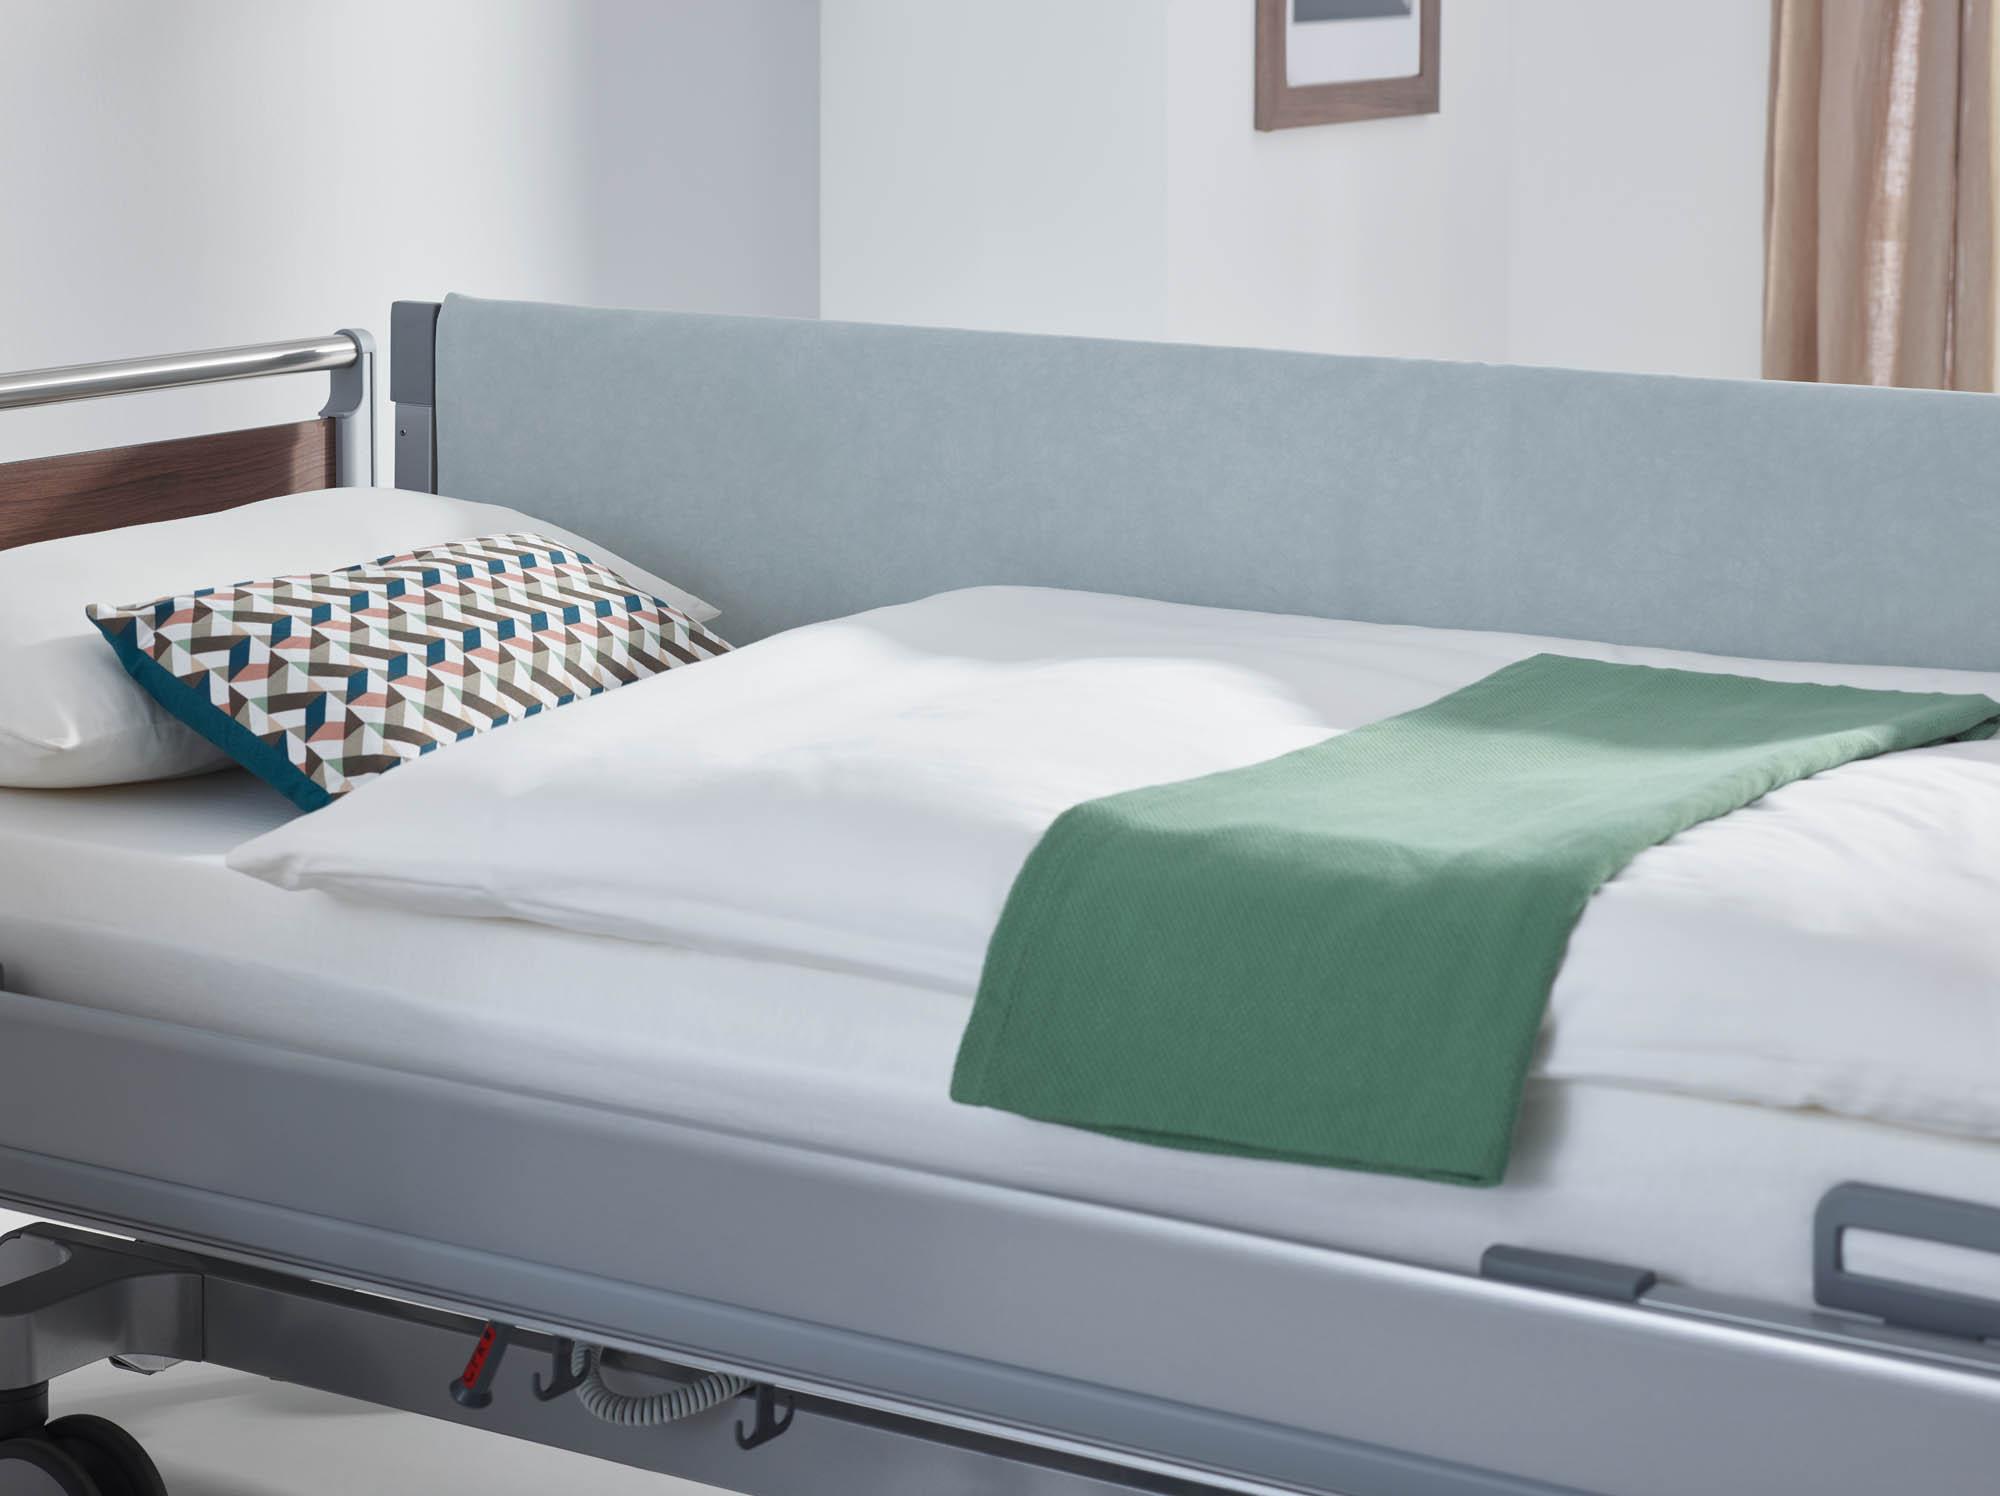 Auch für durchgehende Seitensicherungen über die gesamte Bettseite bieten wir Schaumlederbezüge an